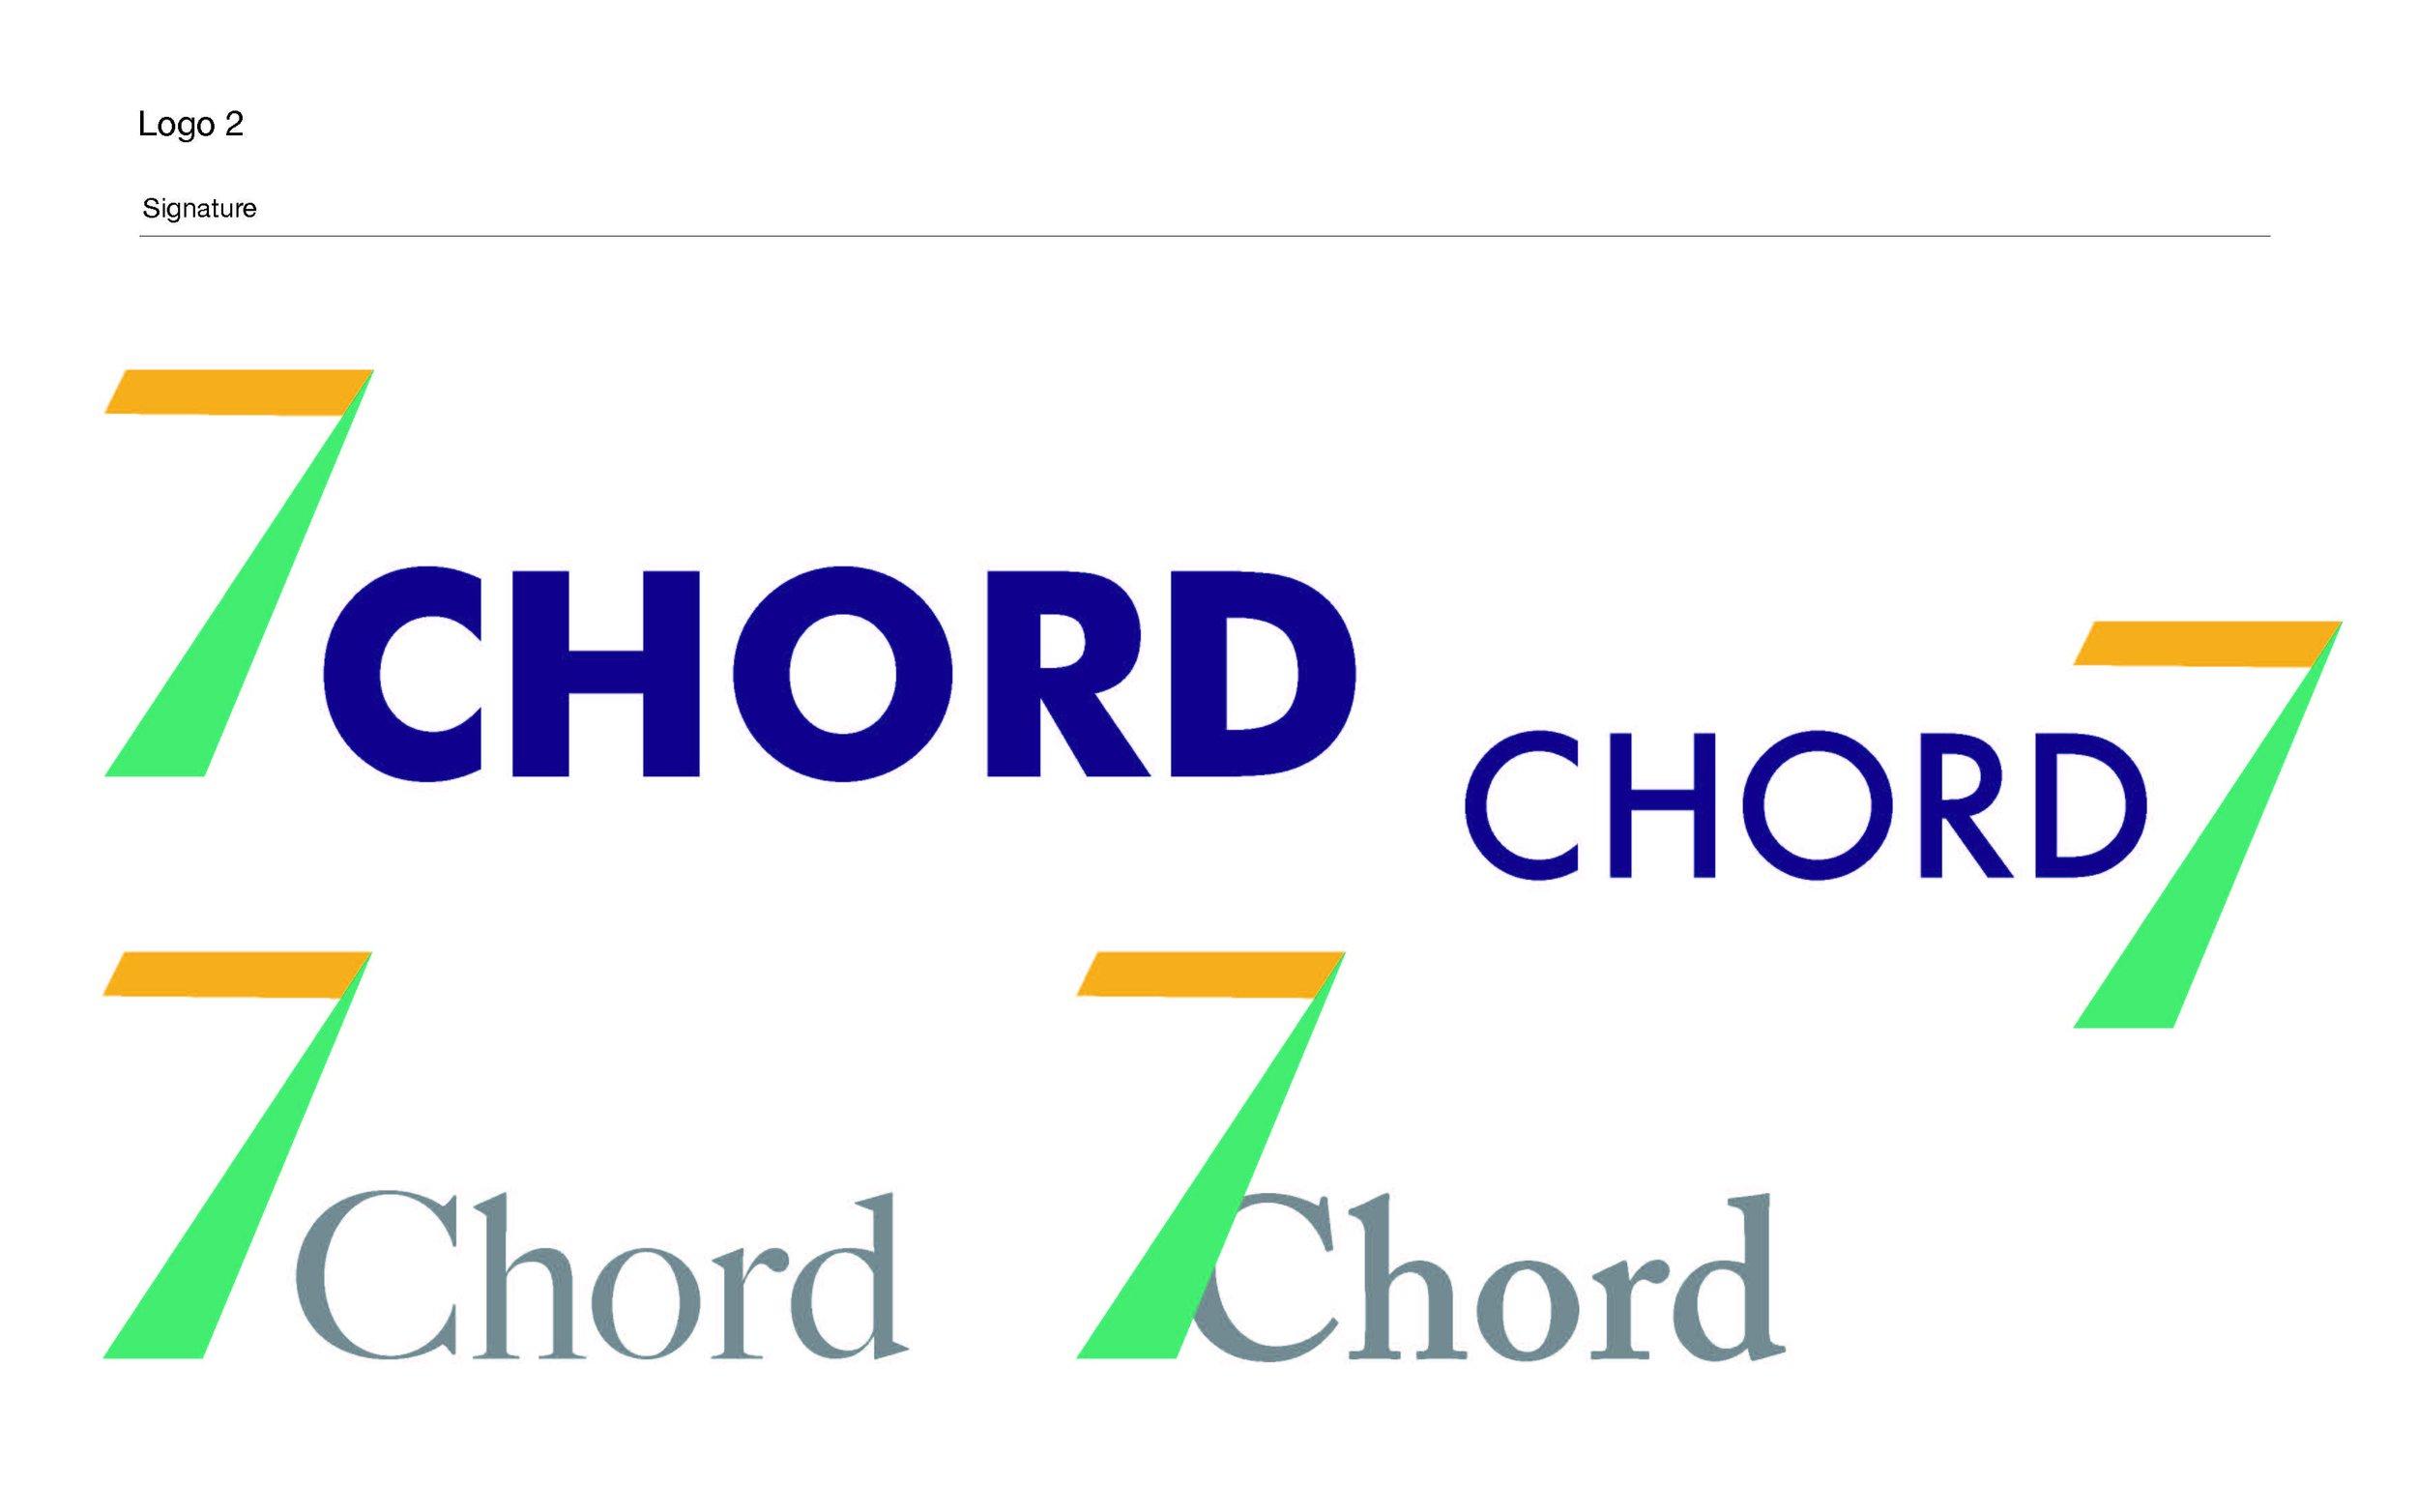 7chord_logo_v2_Page_3.jpg